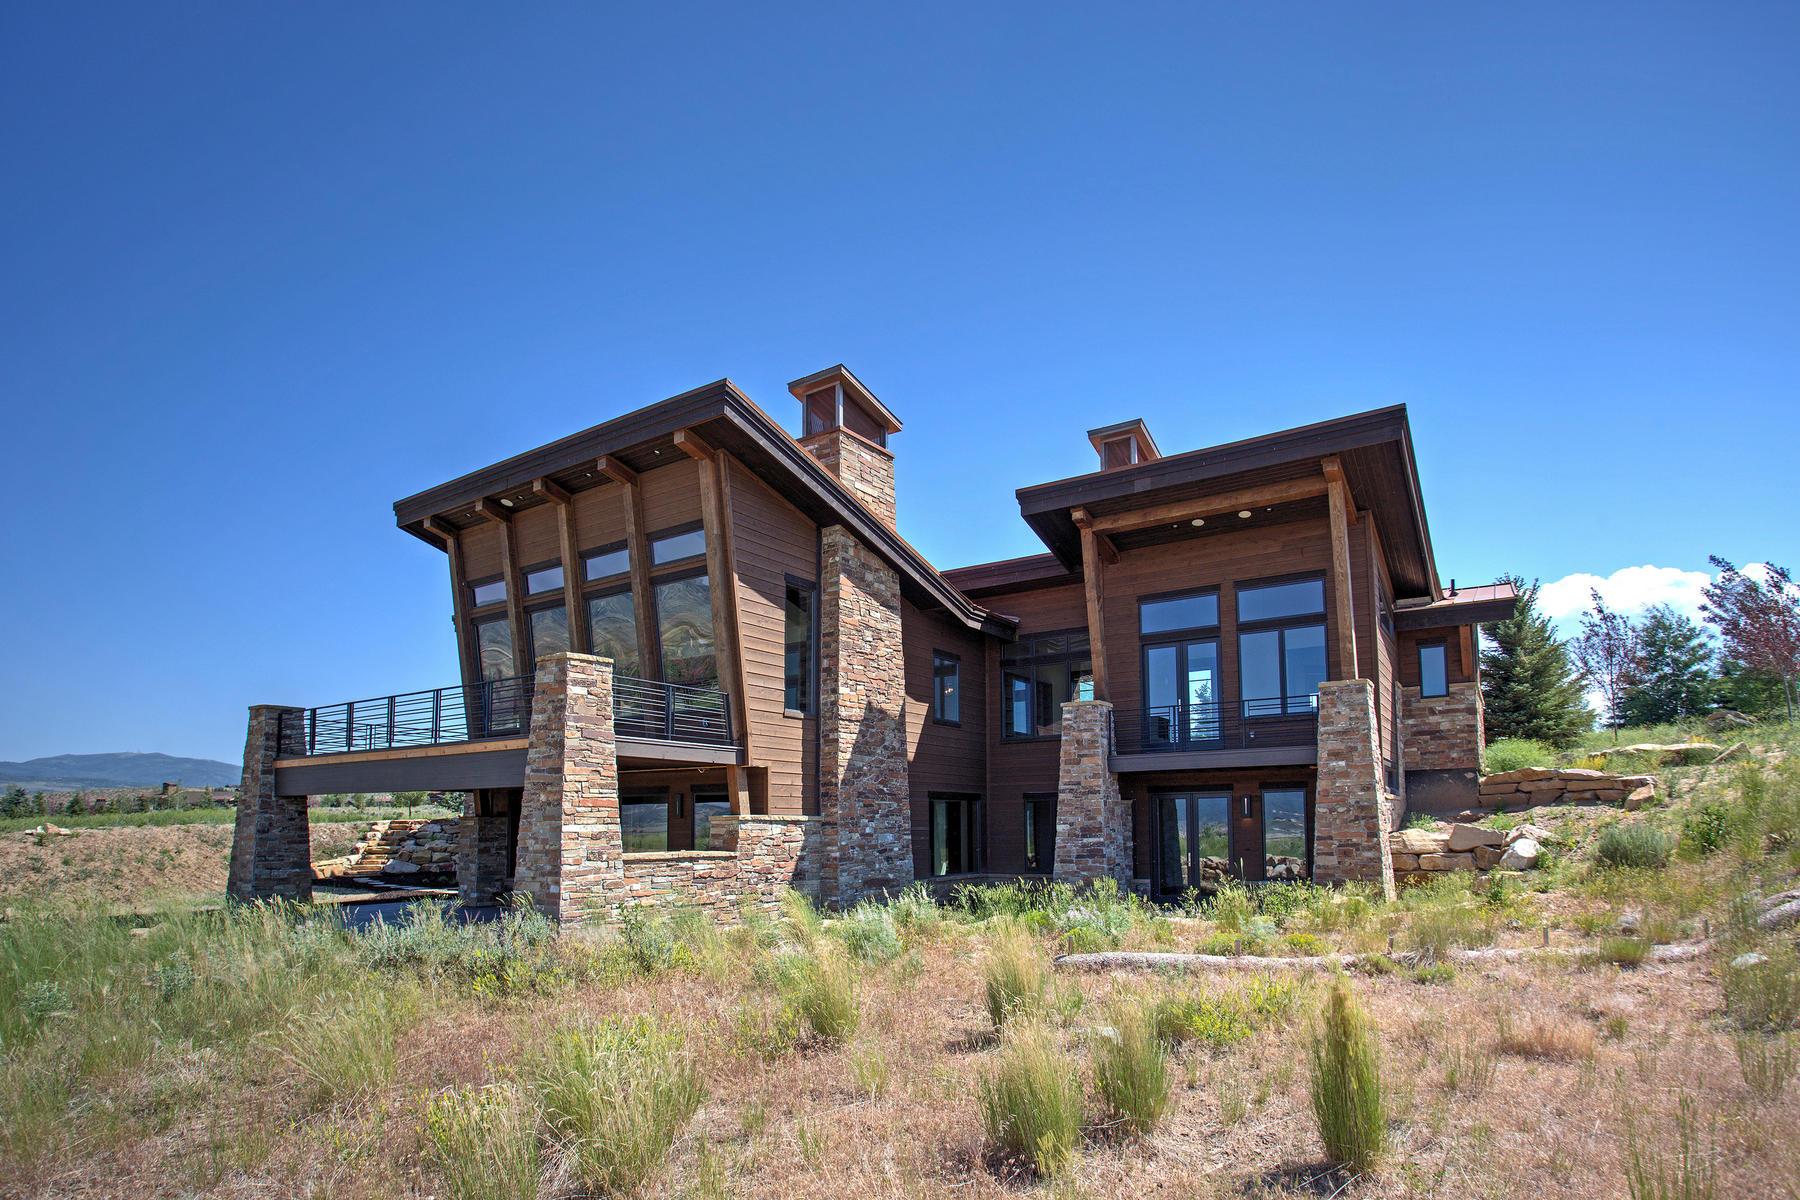 Maison unifamiliale pour l Vente à New Construction in Promontory with Panoramic Views of Park City's Three Ski Res 6803 Cody Trail Park City, Utah, 84098 États-Unis